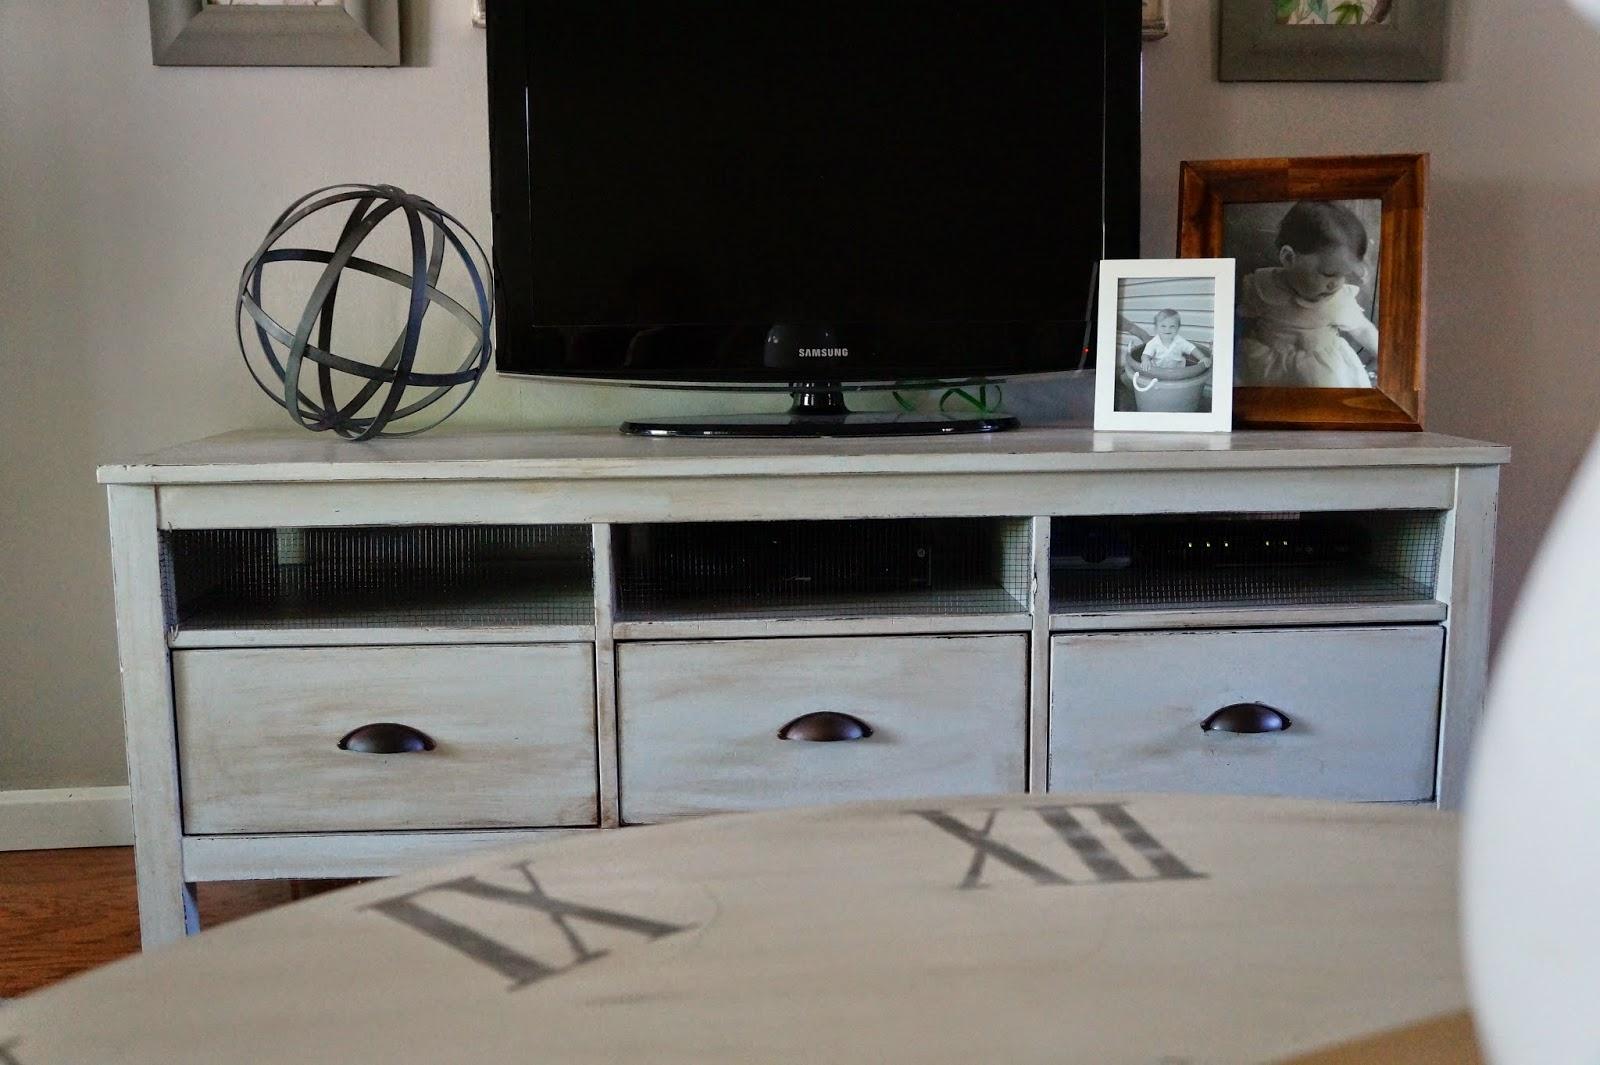 Seeking Lavender Lane DIY projects